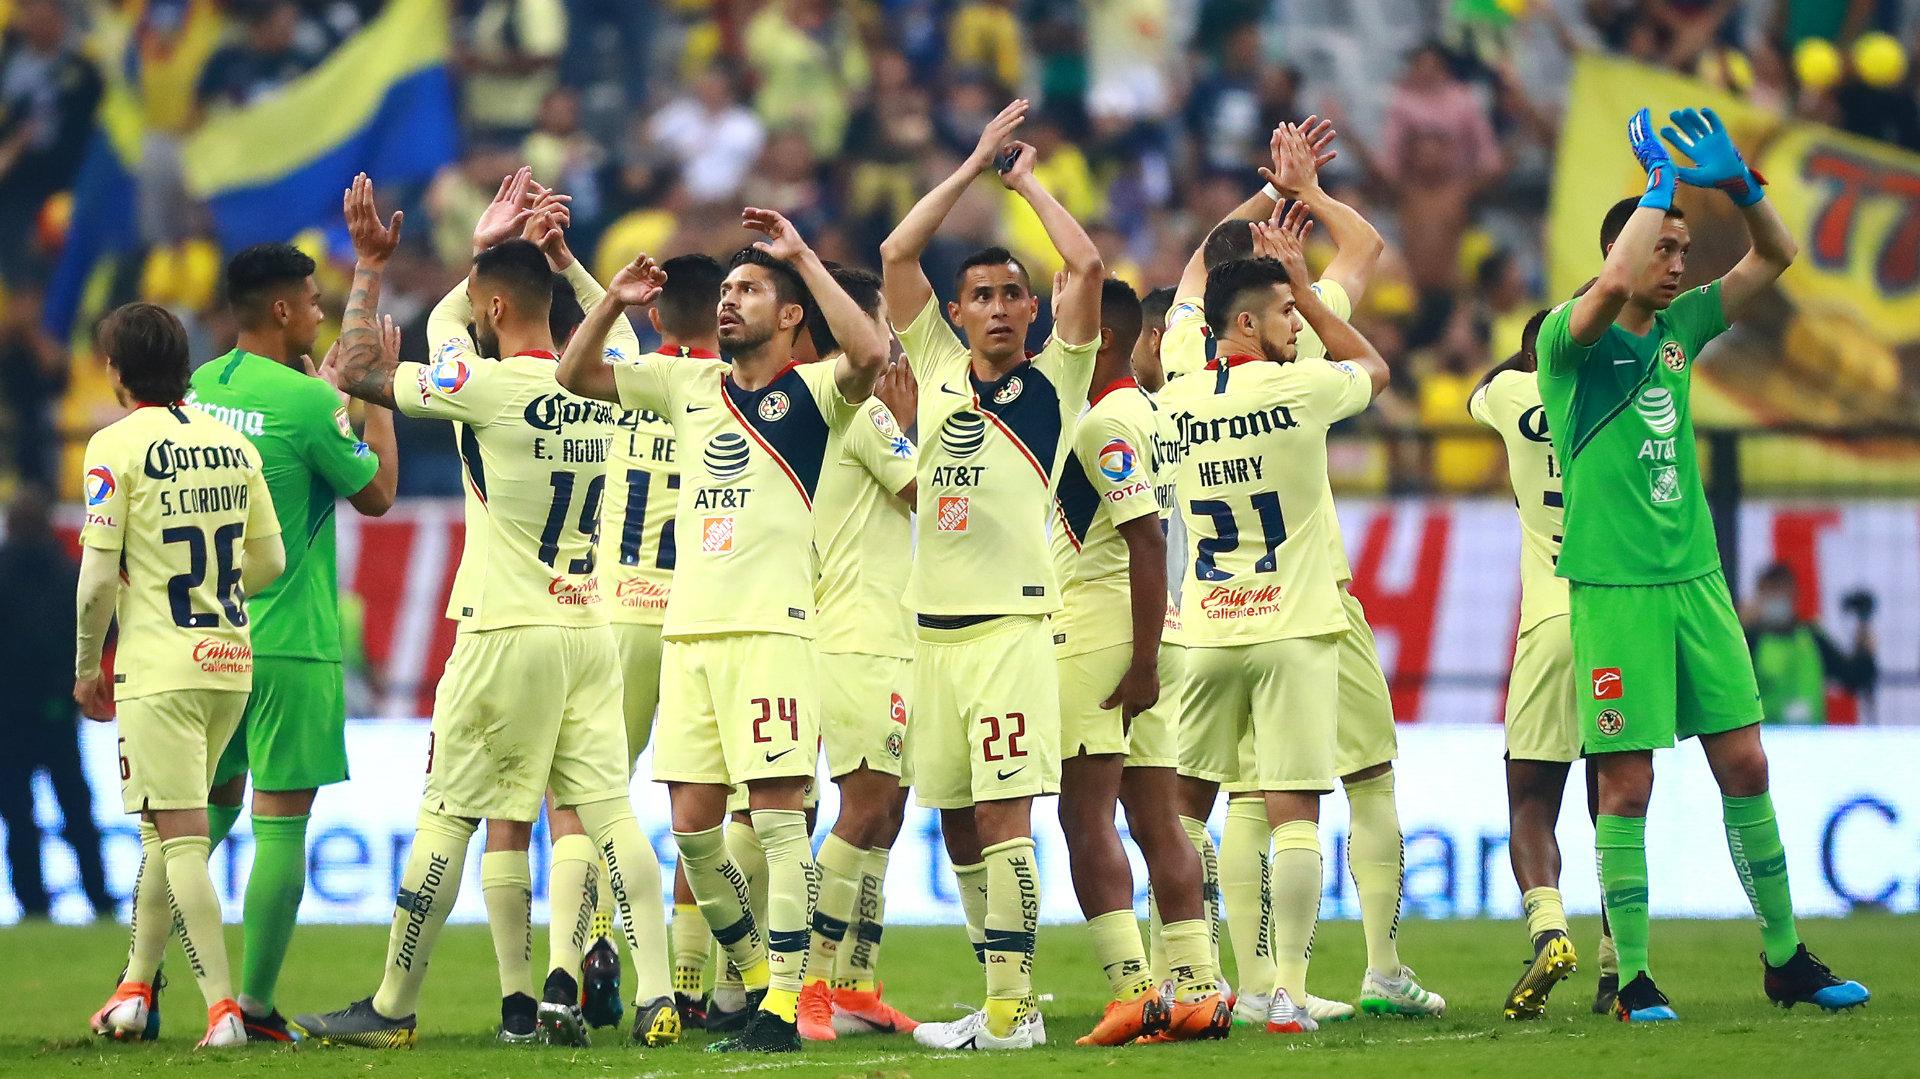 Soi kèo bóng đá hôm nay Club Leon vs Monterrey, 9h ngày 4/8